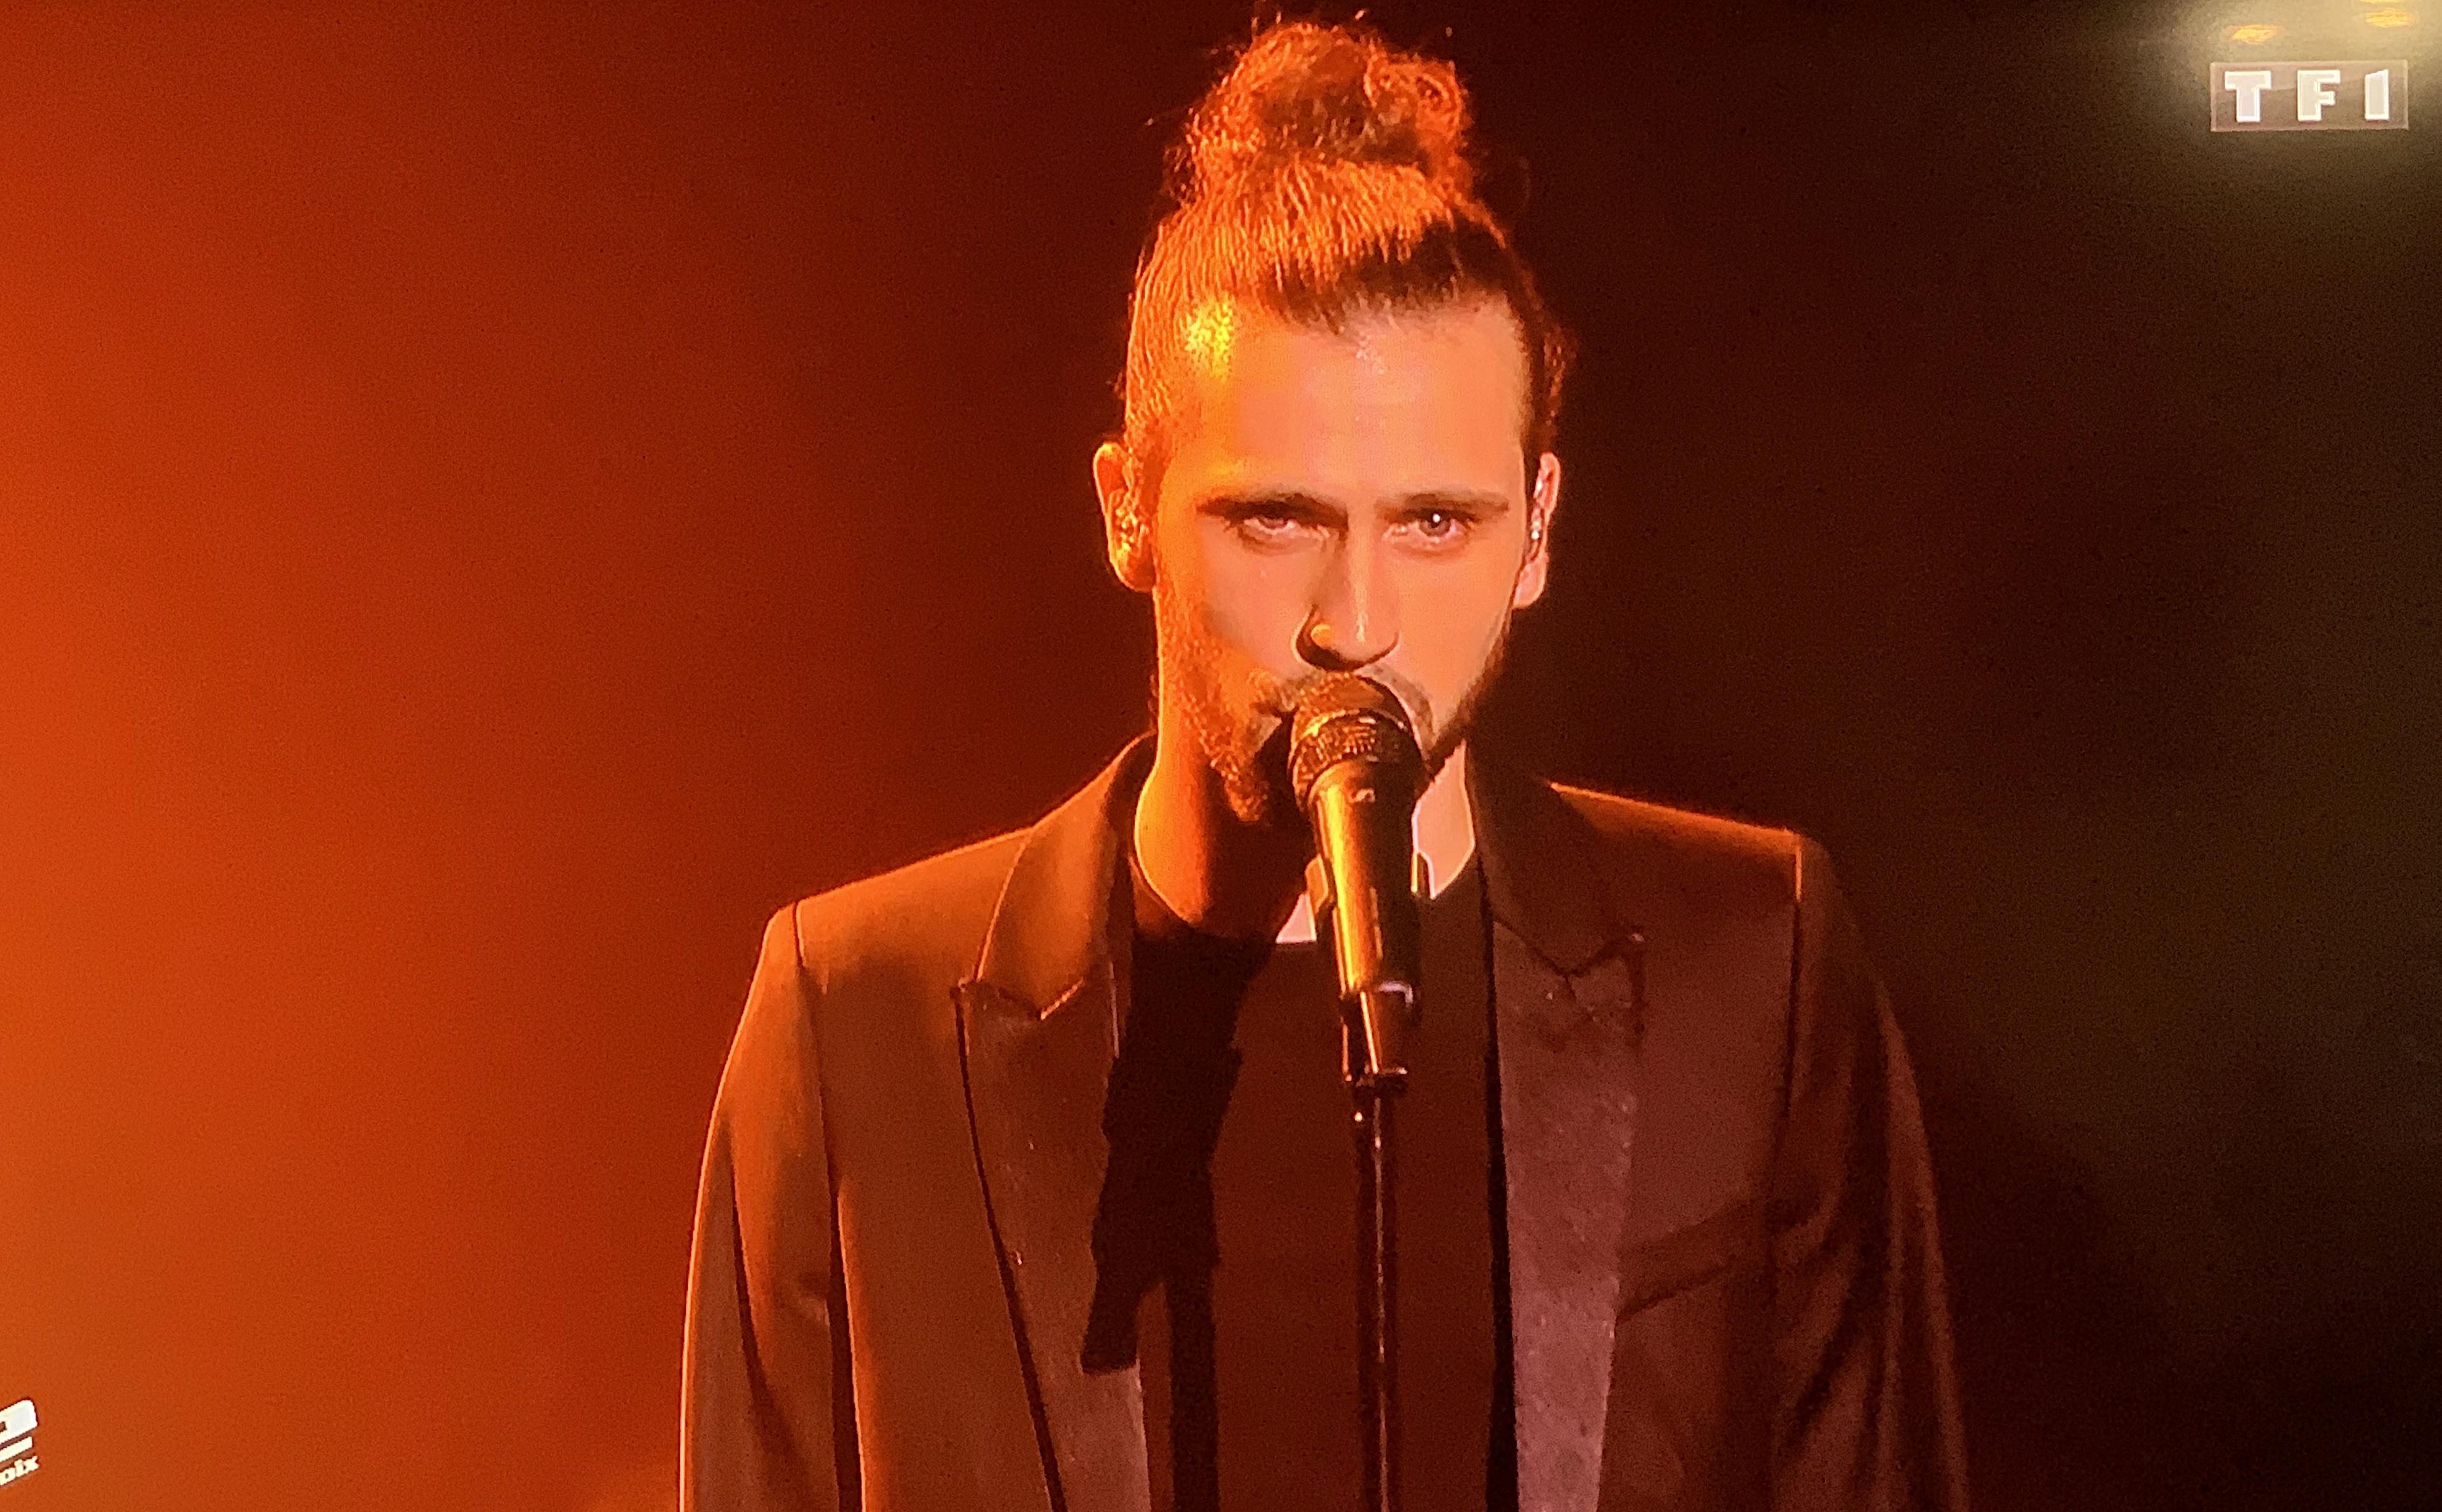 """Vidéo -The Voice : """"Puisque tu pars"""" emmène Clement en demi-finales"""